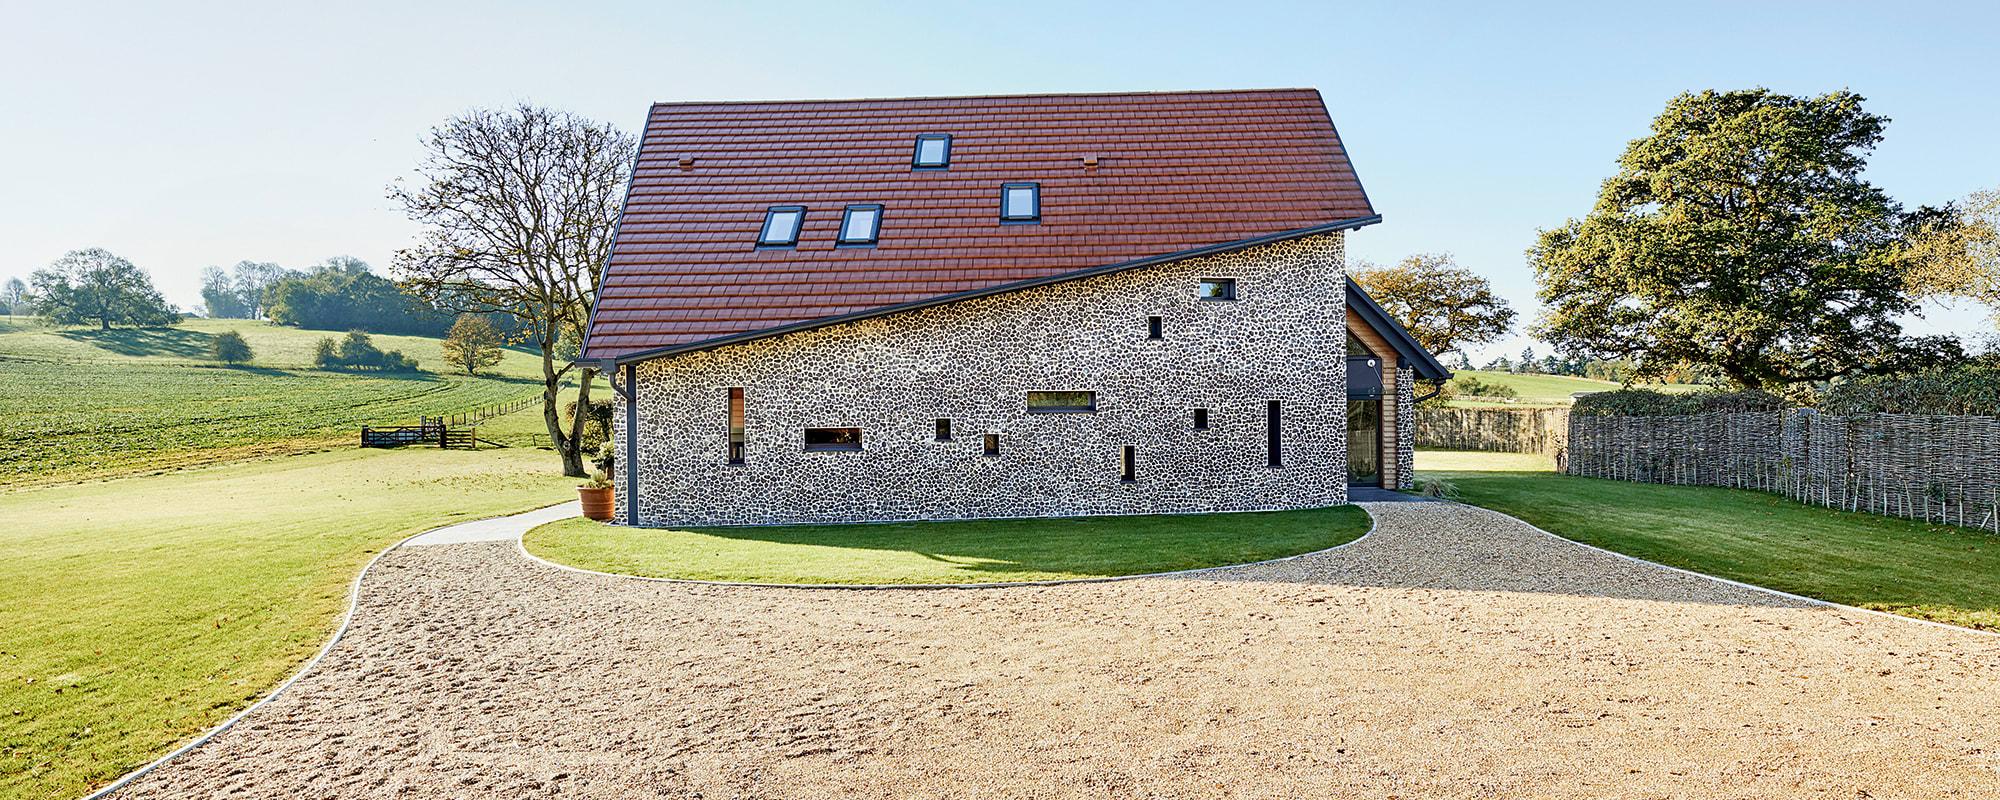 AD, Architektur, Interior, Bio Bauhaus, Baufritz, Andrew Lloyd Webber